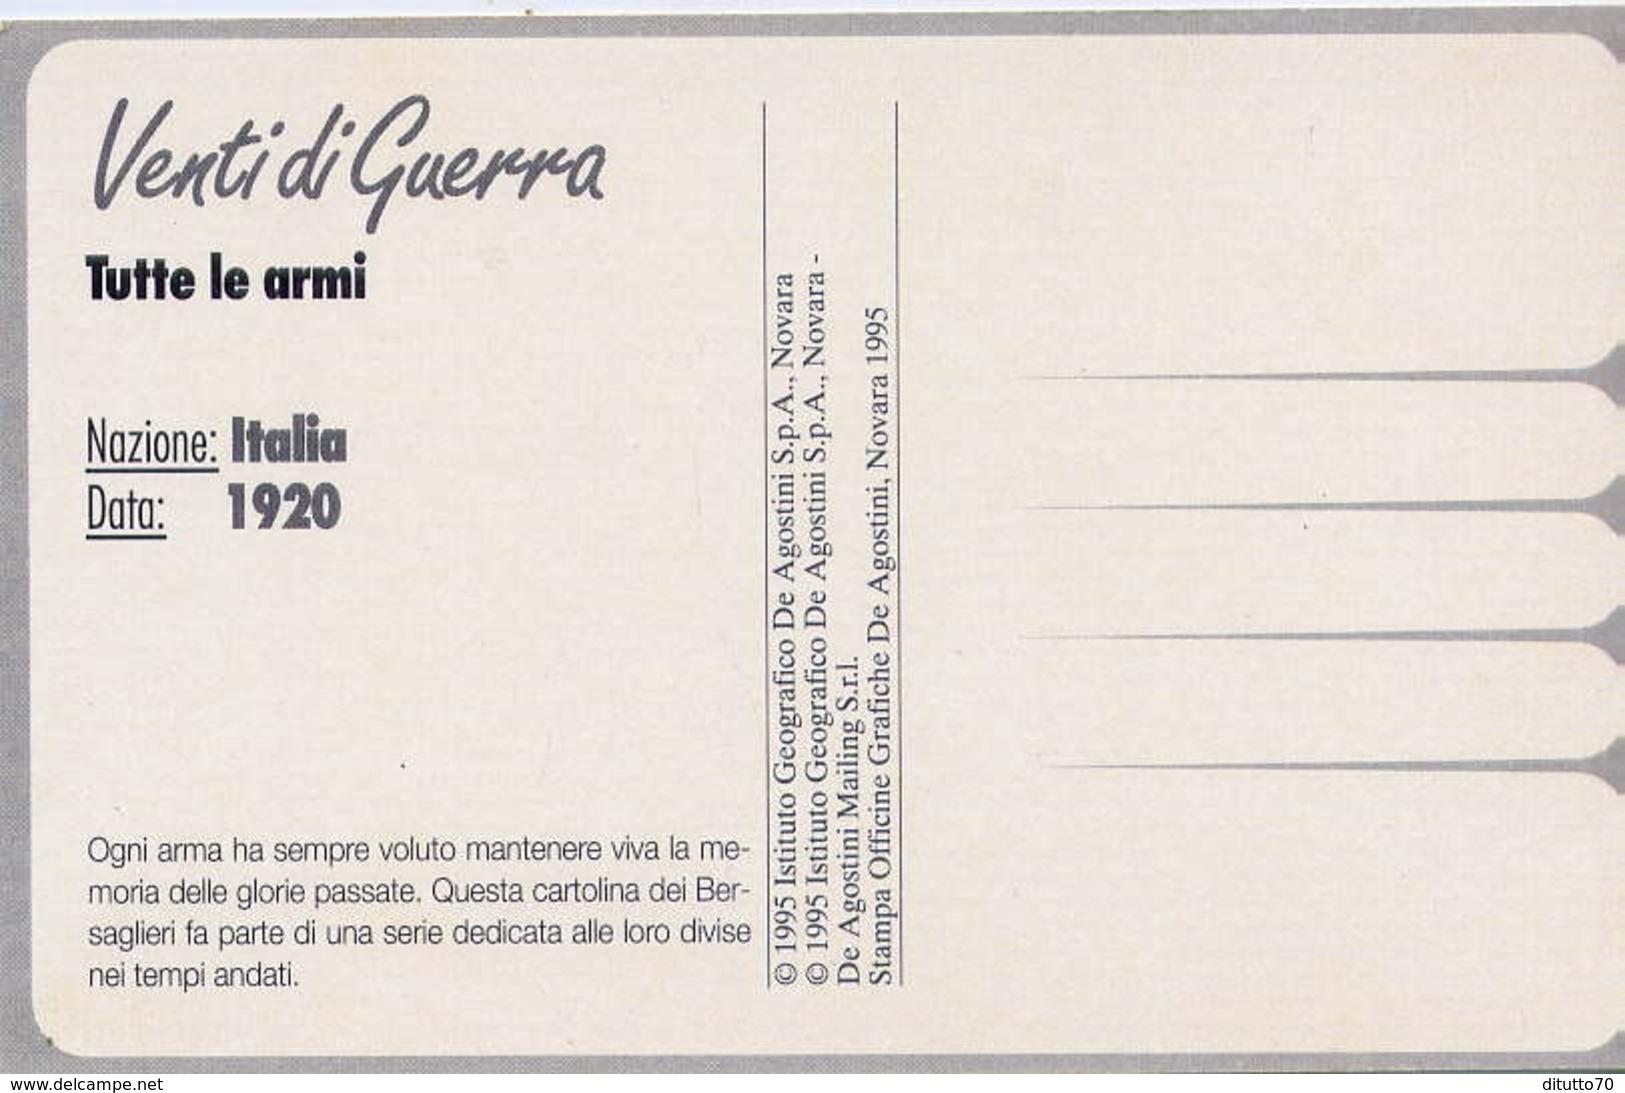 Anno 1870  Caporale In Uniforme Da Campagna - Armi - Italia 1920 - Riproduzione Da Originale - Non Classés